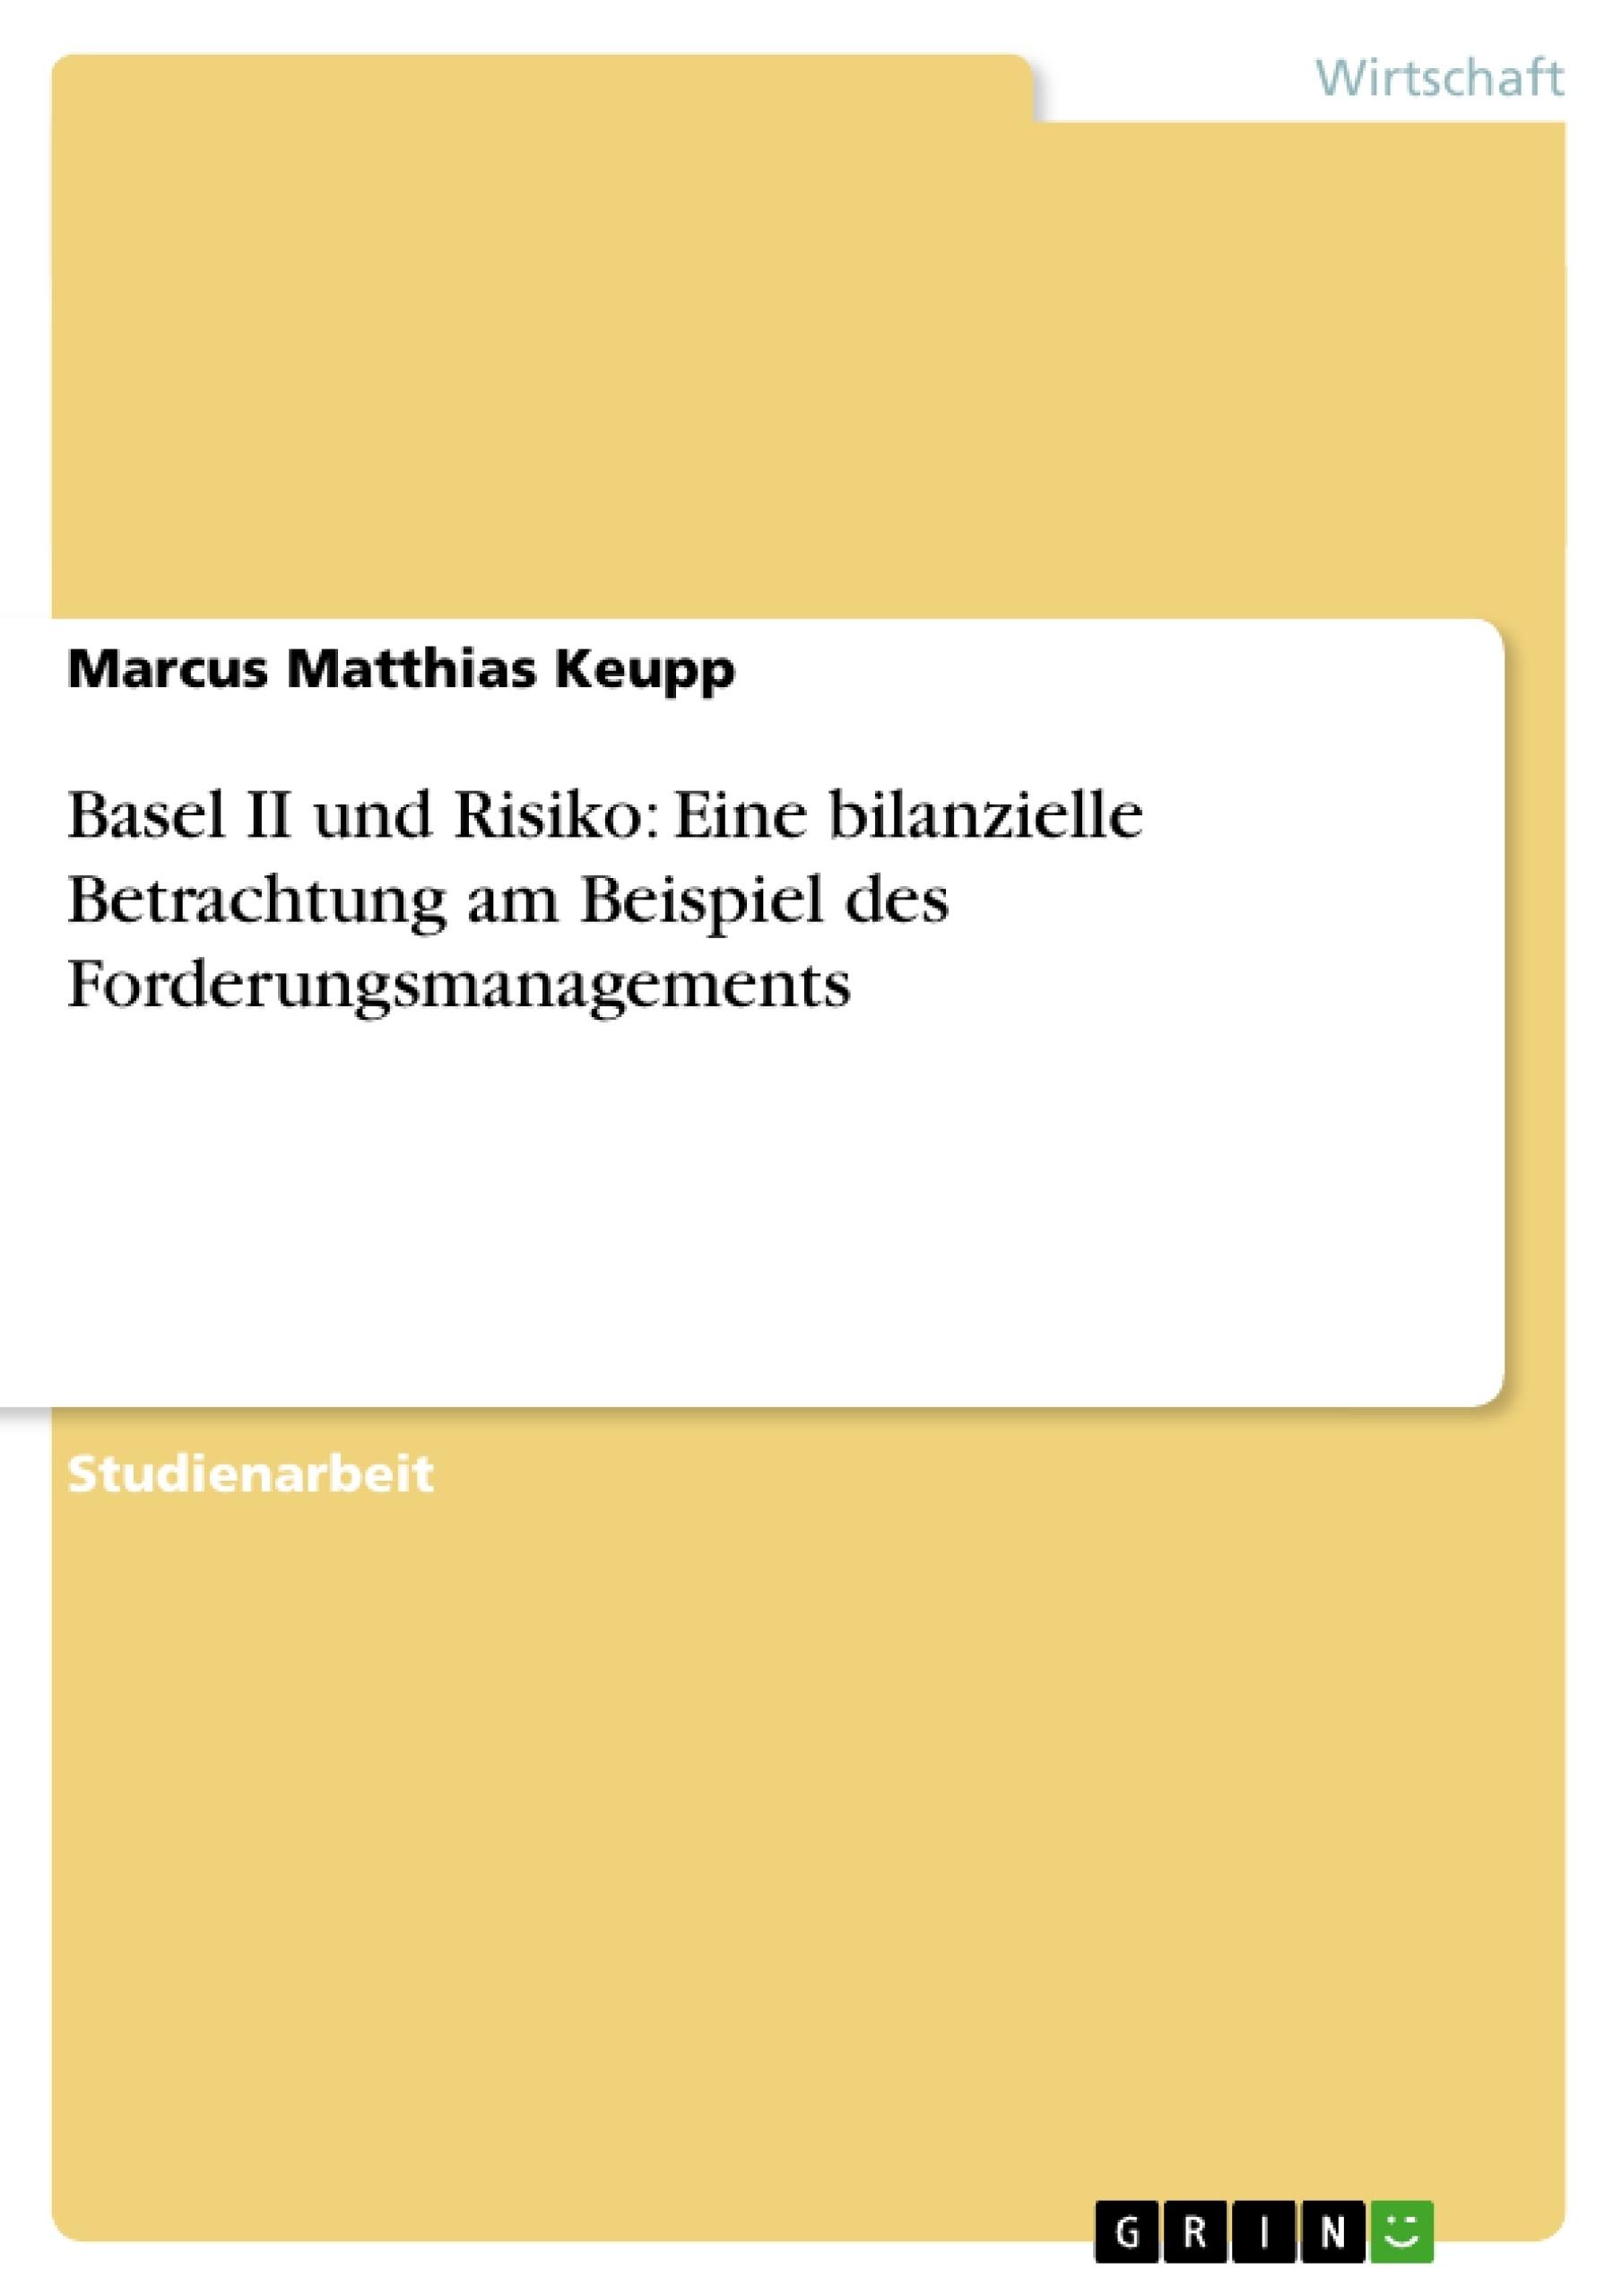 Titel: Basel II und Risiko: Eine bilanzielle Betrachtung am Beispiel des Forderungsmanagements